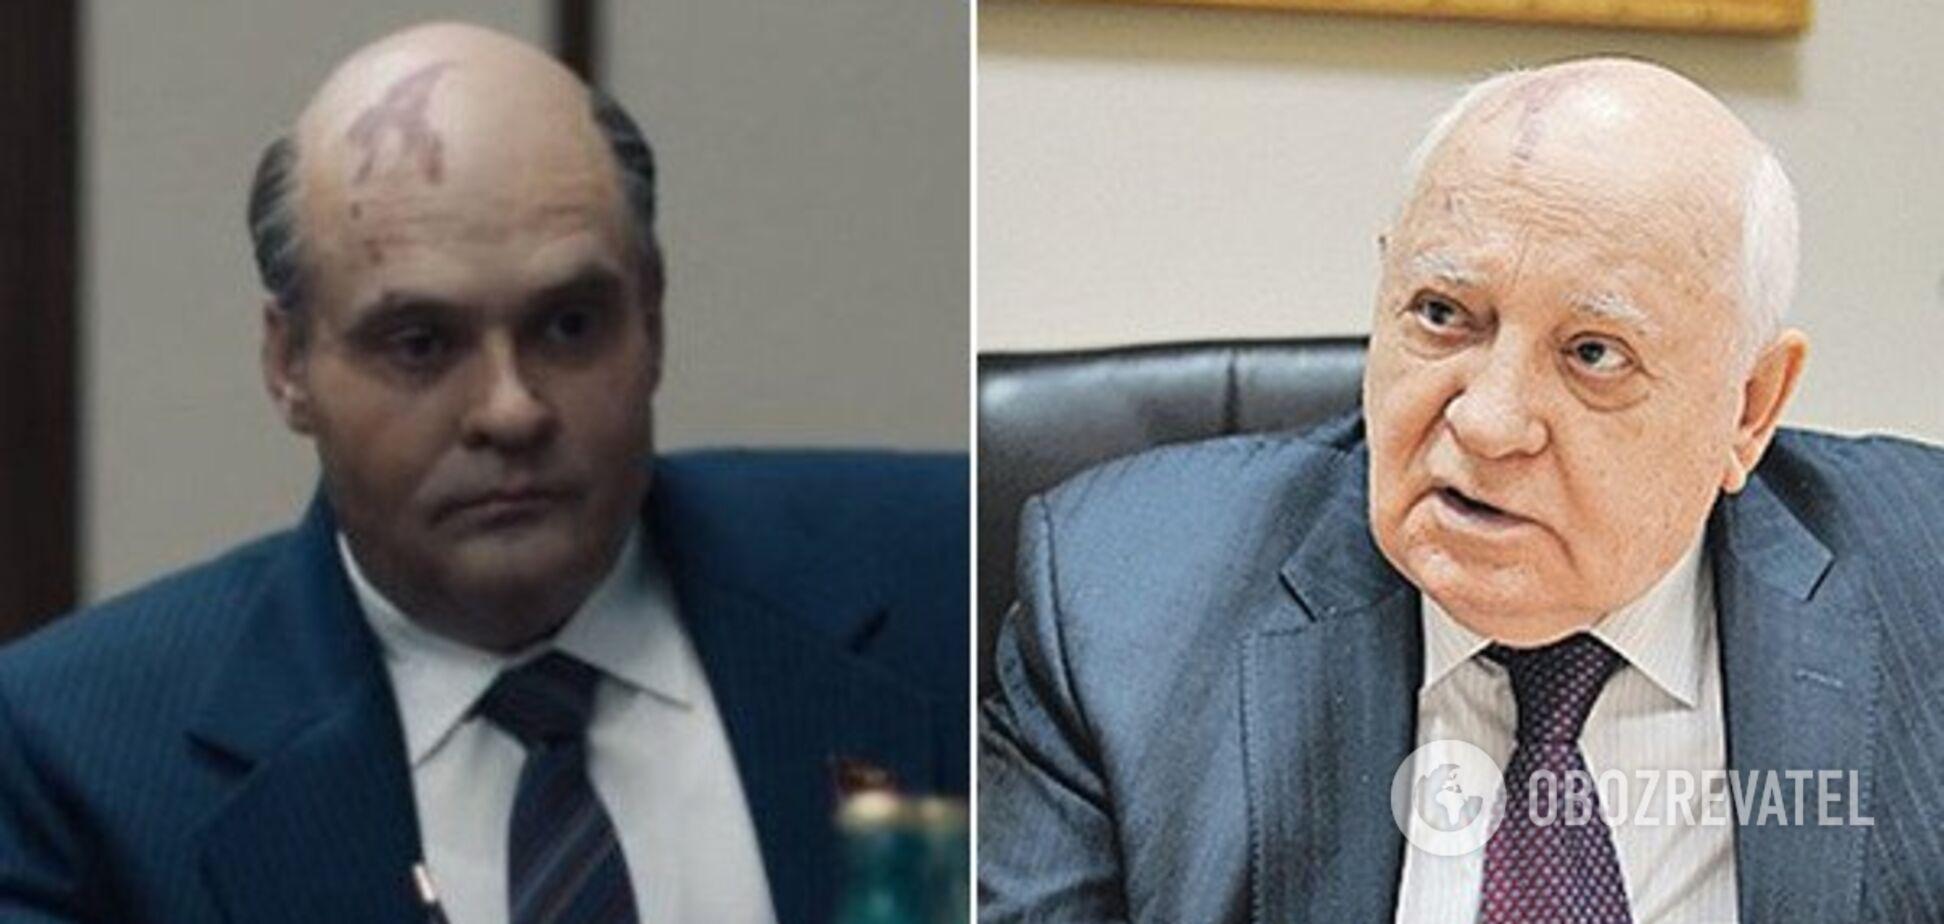 Горбачев впервые отреагировал на сериал 'Чернобыль'